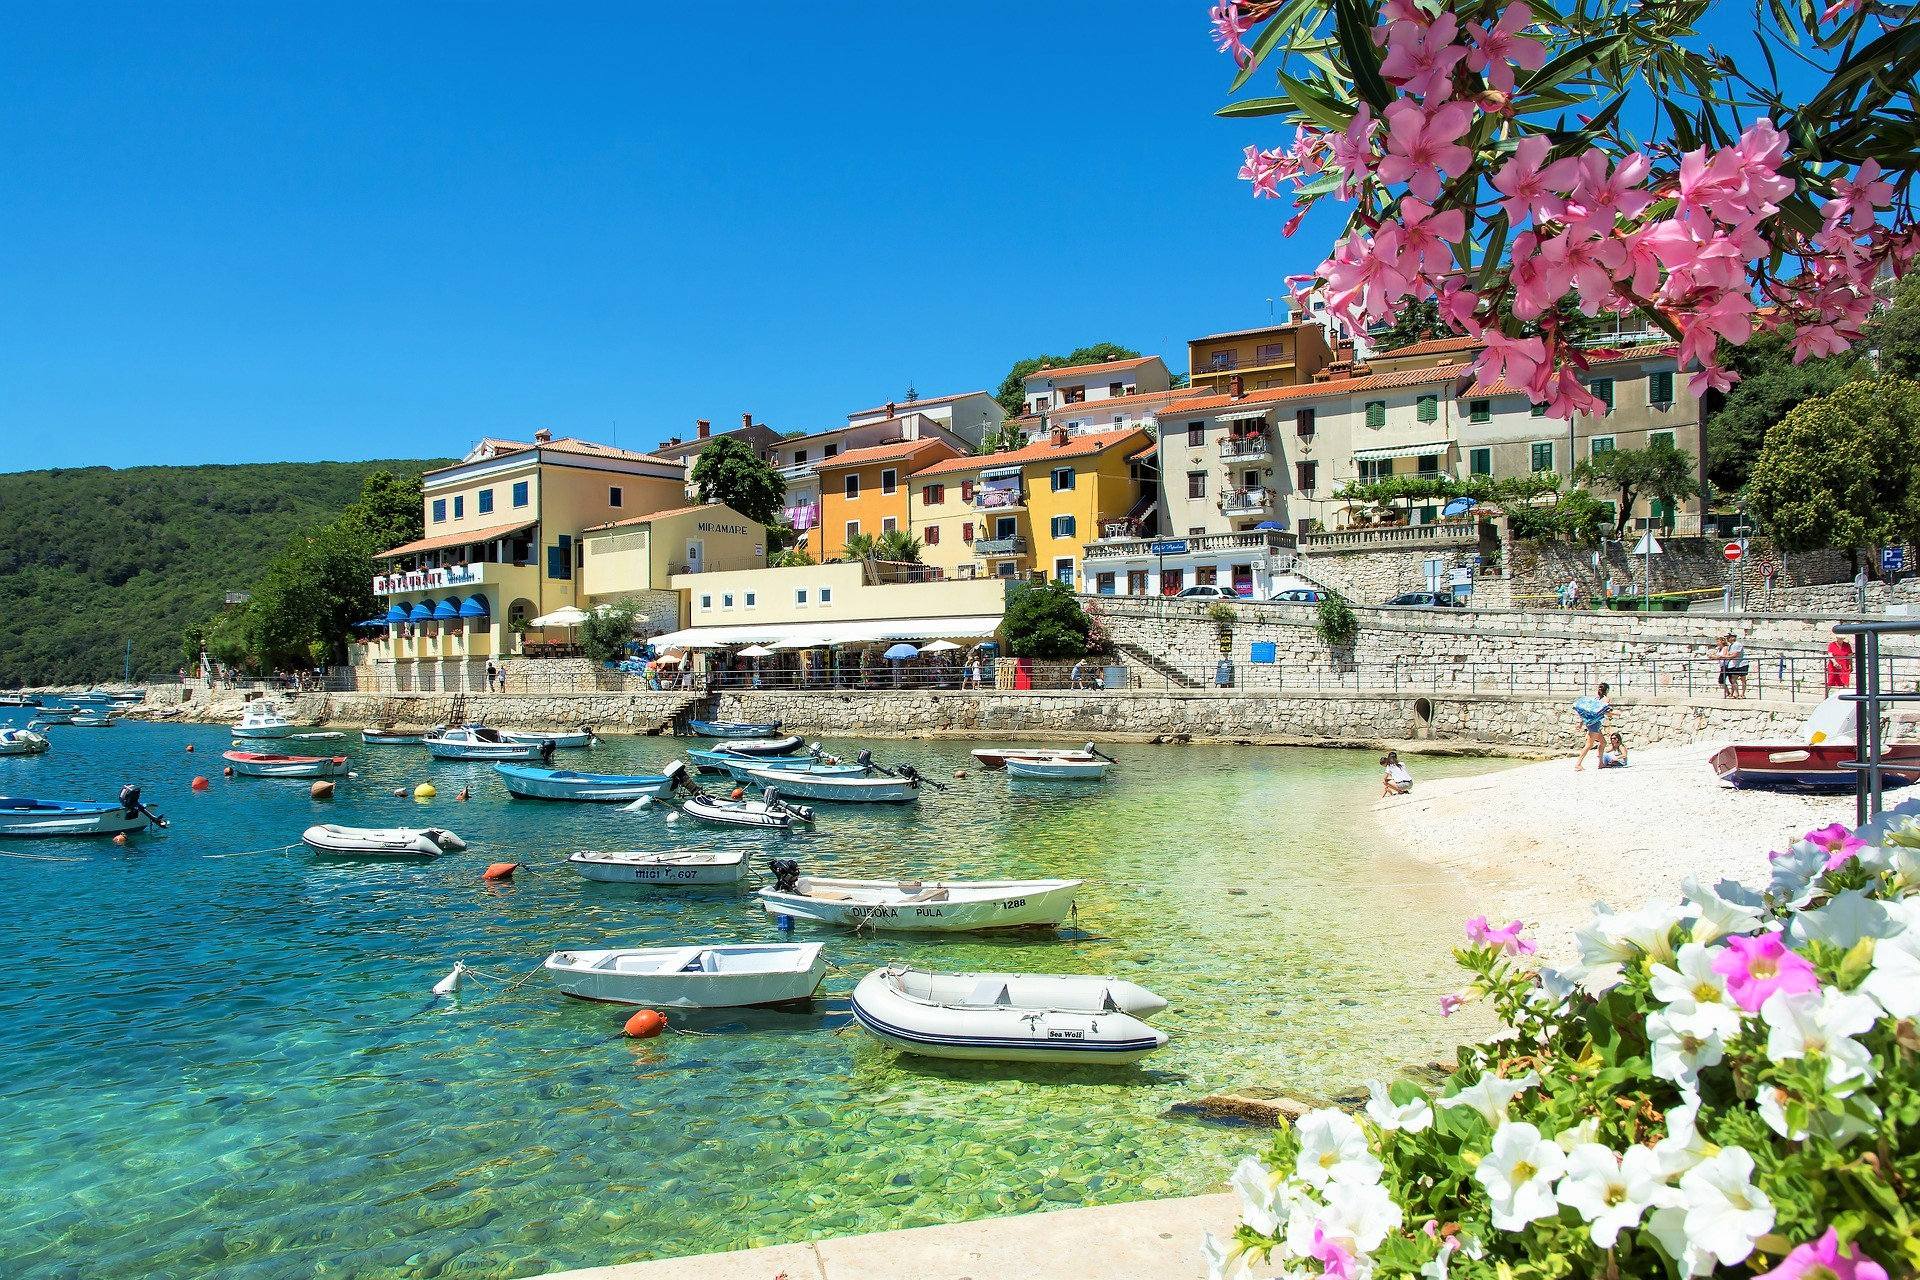 Rabac Отдых в Хорватии туры хорватию хорватия Отдых в Хорватии — 9 курортных мест Адриатического побережья Rabats